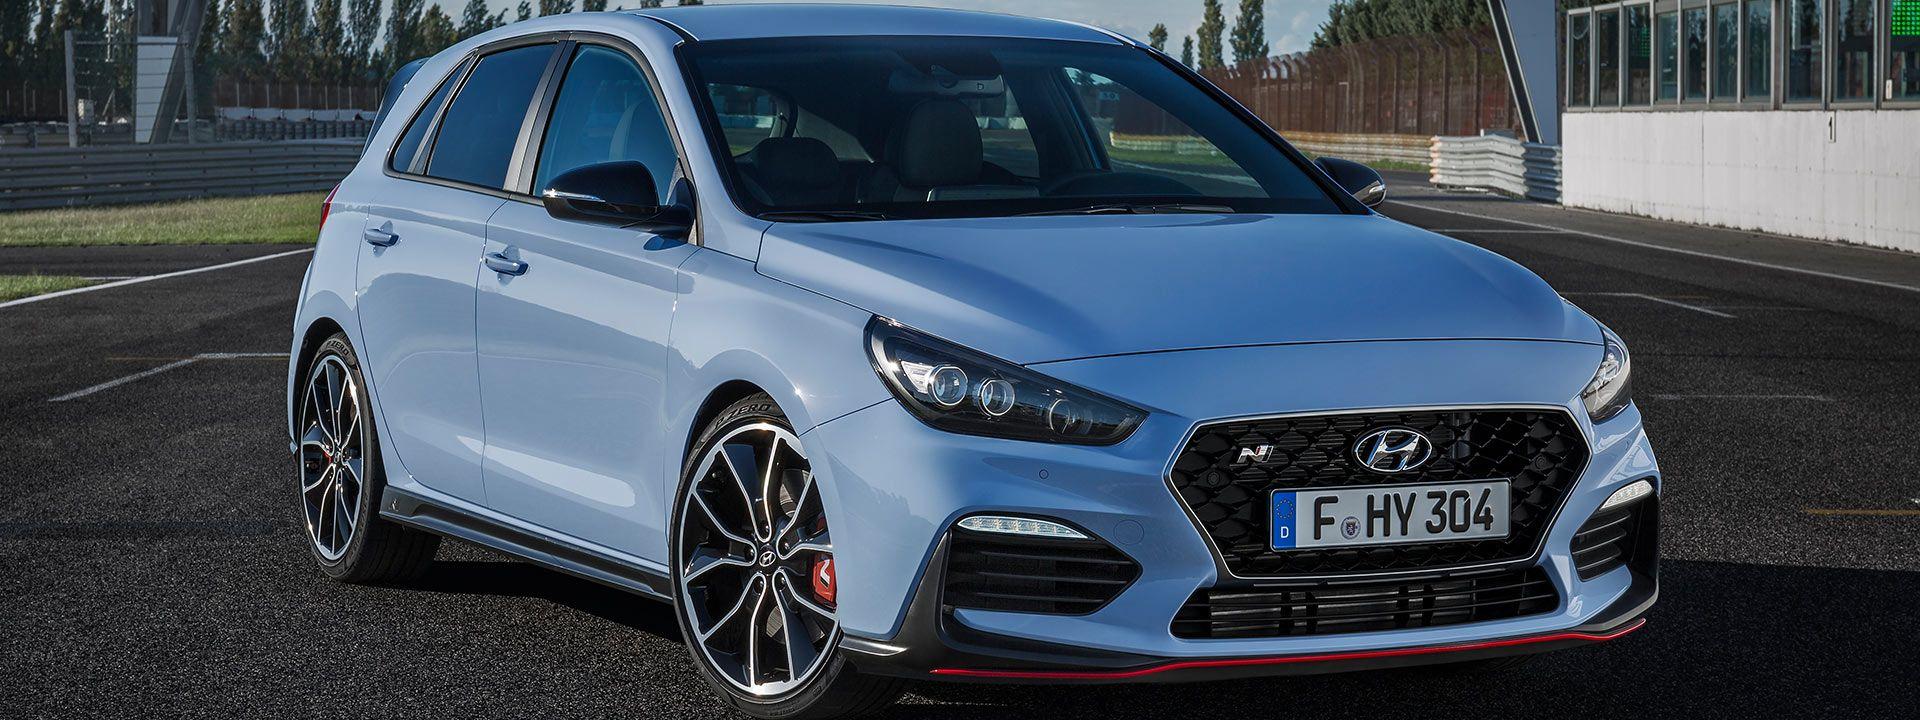 El i30 N es el primer vehículo de altas prestaciones de Hyundai Motor bajo la línea N